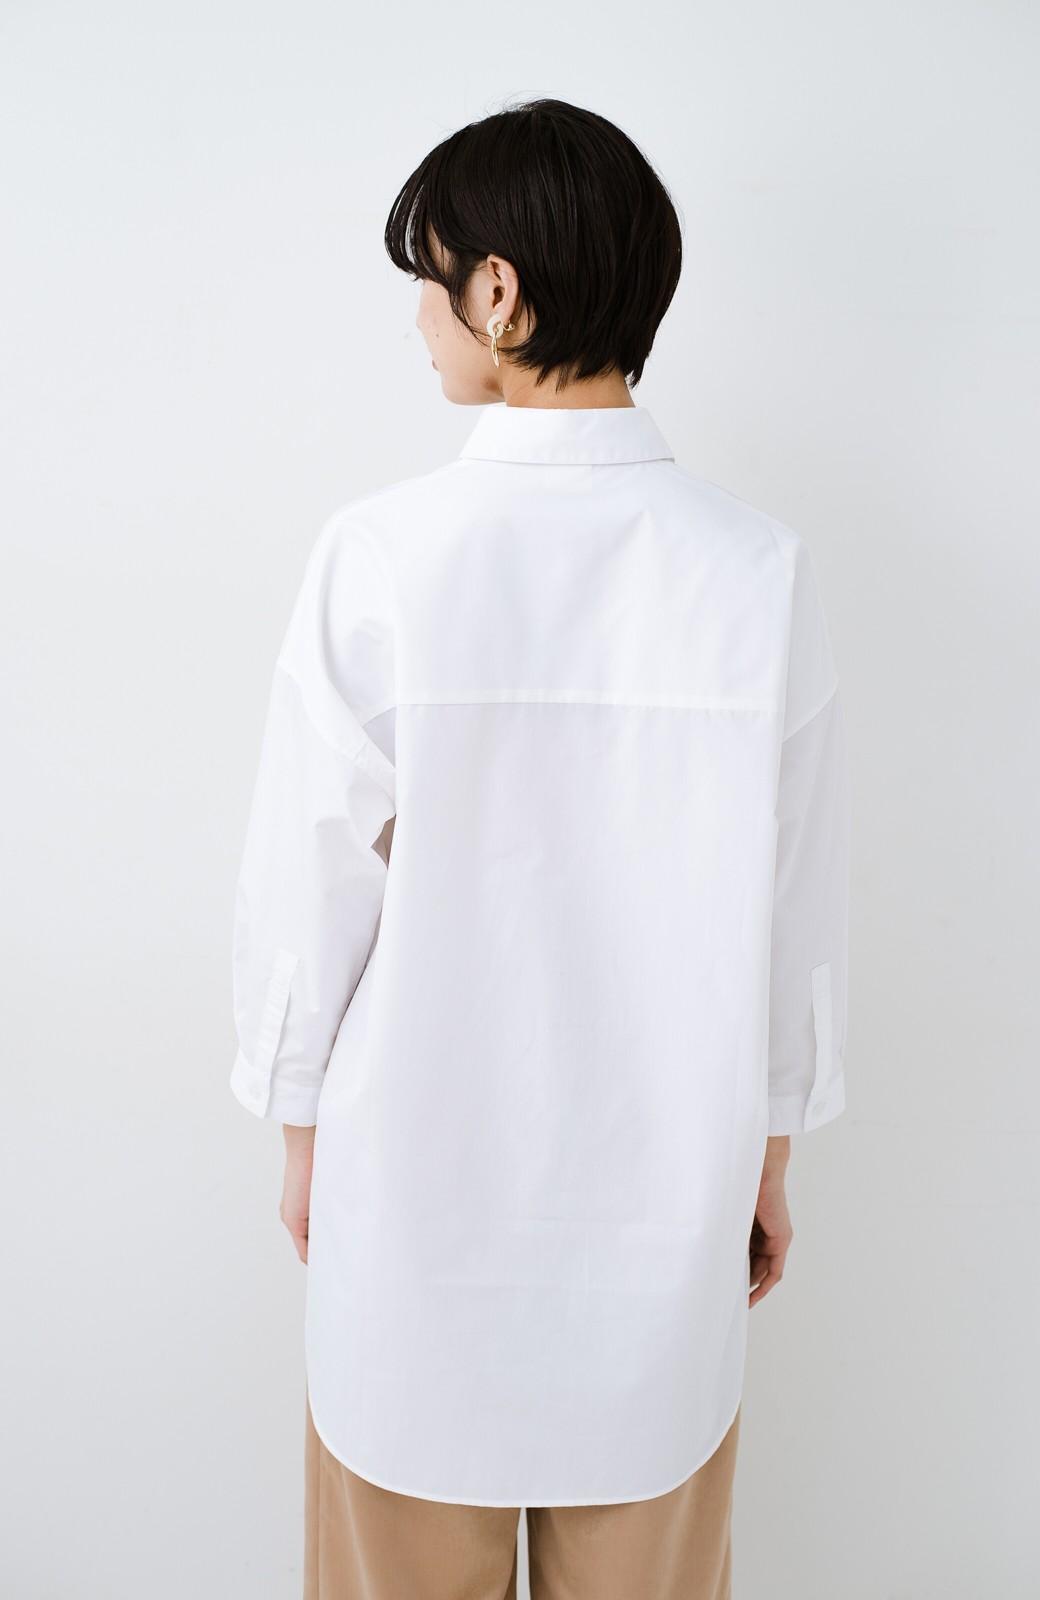 haco! サイズ感がオシャレに見せてくれる 真面目すぎないビッグシャツ <ホワイト>の商品写真12